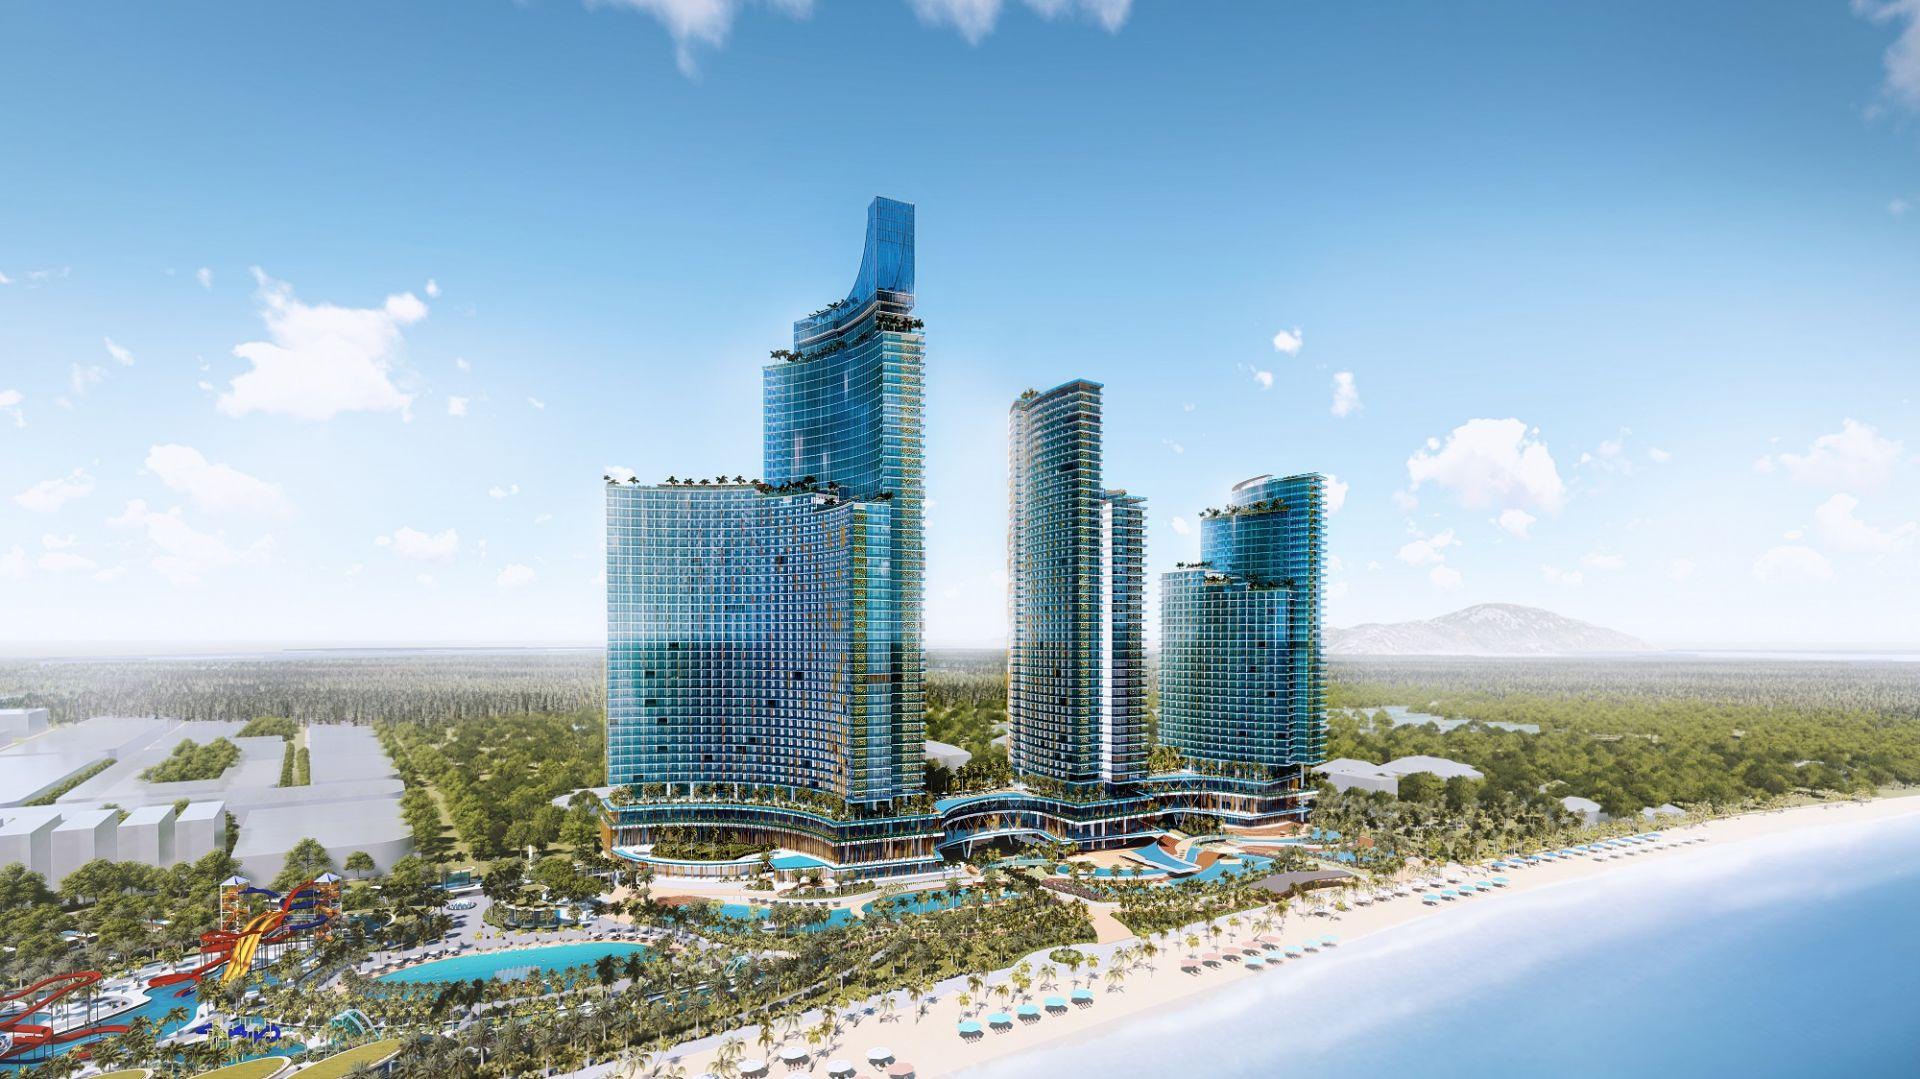 Giải mã sức hút của SunBay Park Hotel & Resort: Chưa ra mắt đã sắp hết hàng